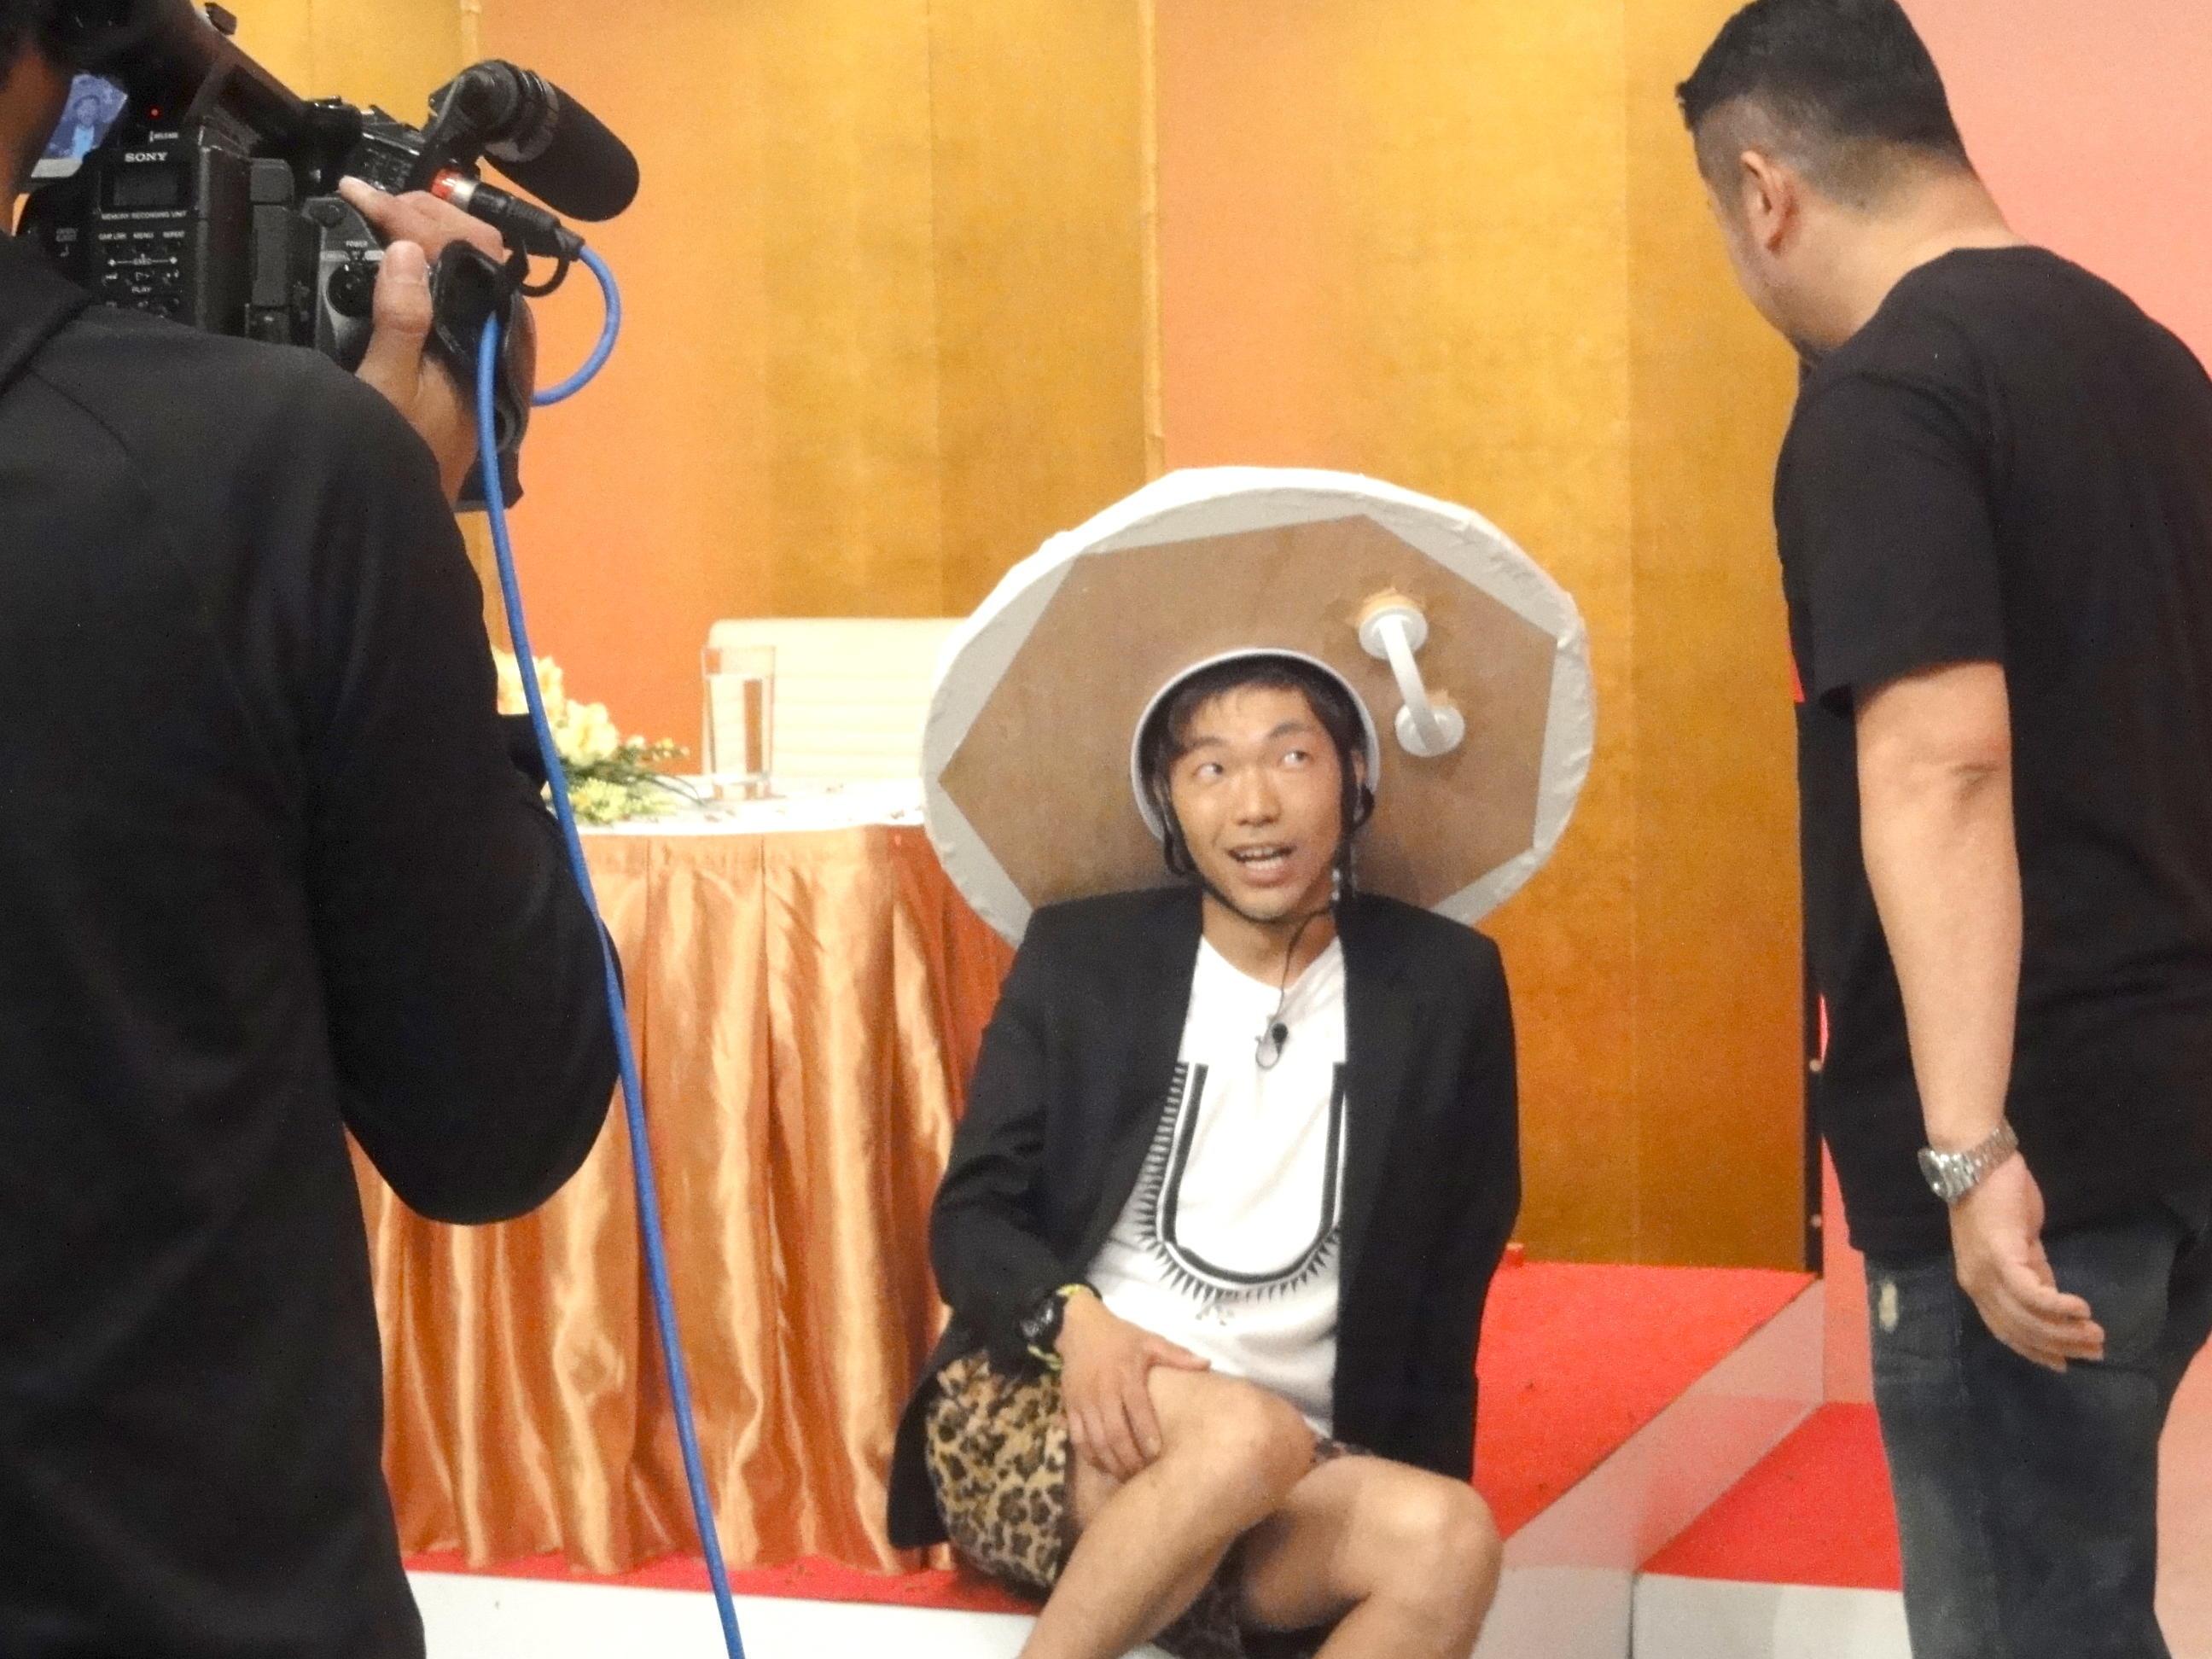 http://news.yoshimoto.co.jp/20171003001125-a7980c46840c40df7e3a0baa1a25de515db6f522.jpg